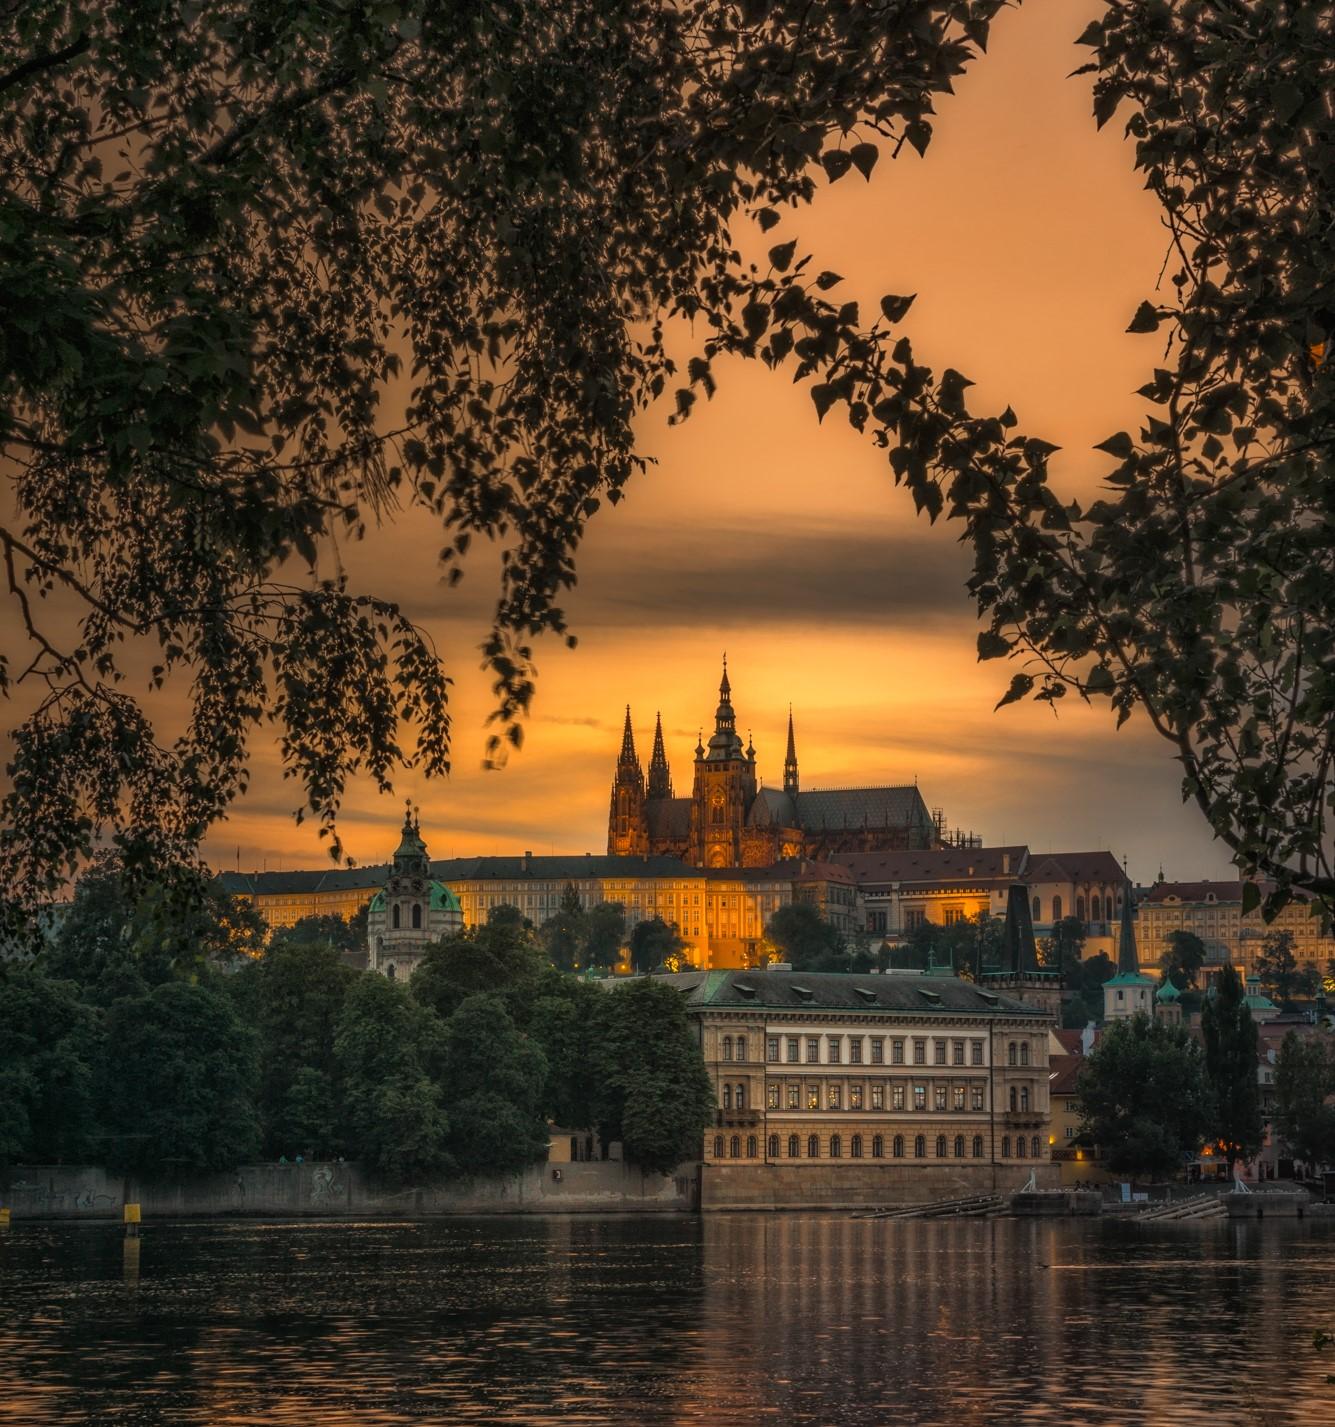 Los castillos más bonitos del mundo Castillo de Praga, República Checa